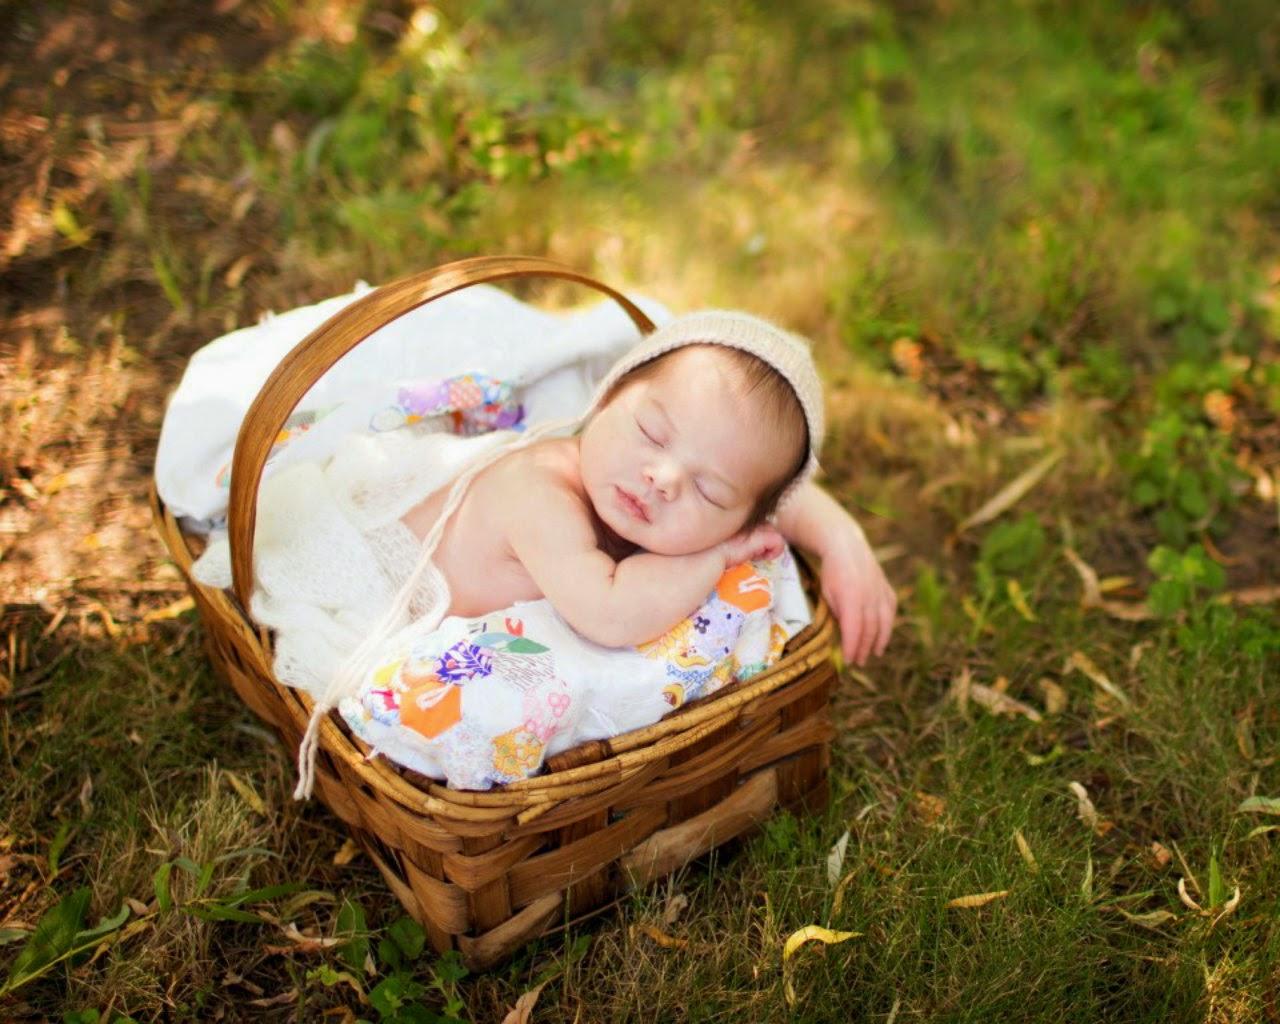 Baby-cute-sleep-in-basket-beautiful-photos-for-facebook.jpg